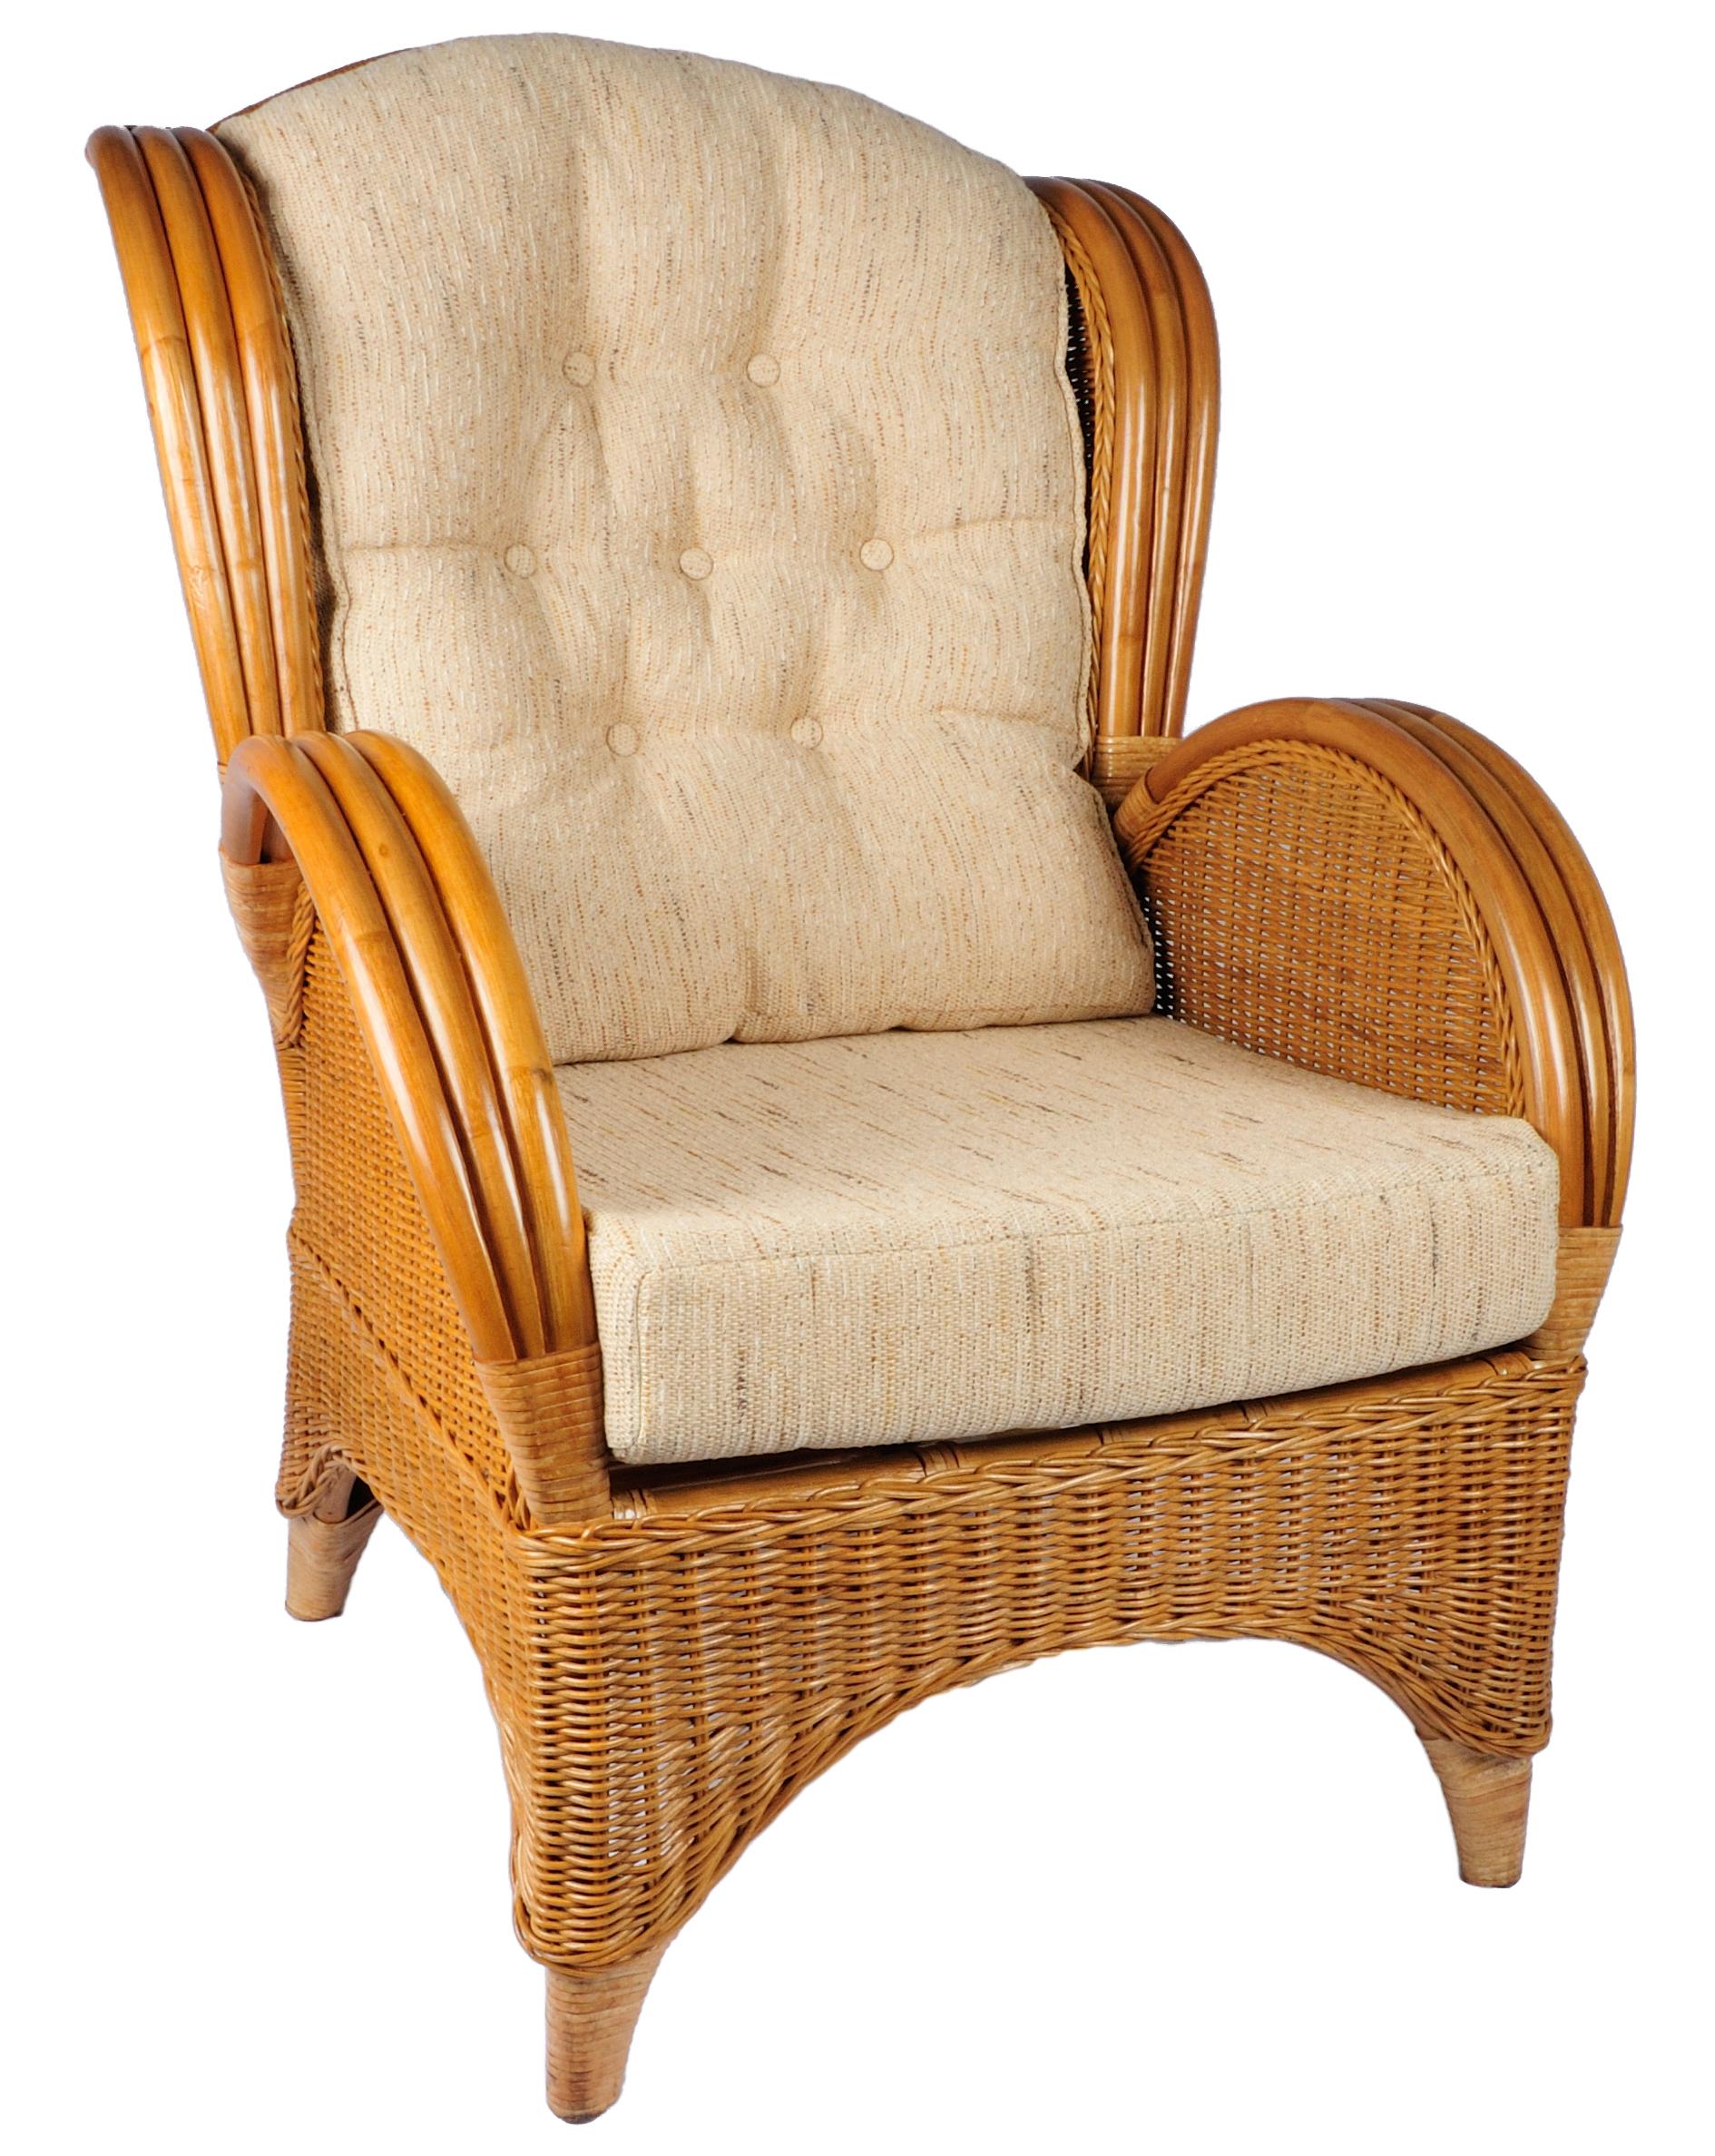 Kussen voor rotan stoel florida super kussens voordelig for Fauteuil eetkamerstoelen